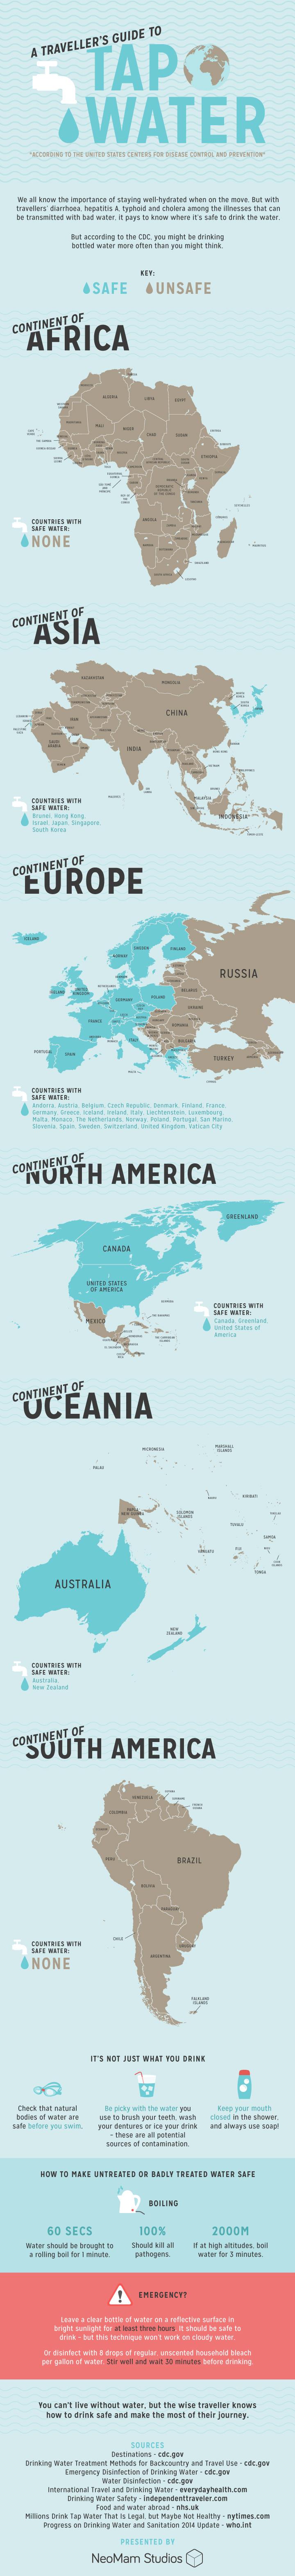 インフォグラフィック:世界の水道水は危険。安全な場所は15ヶ国だけ!